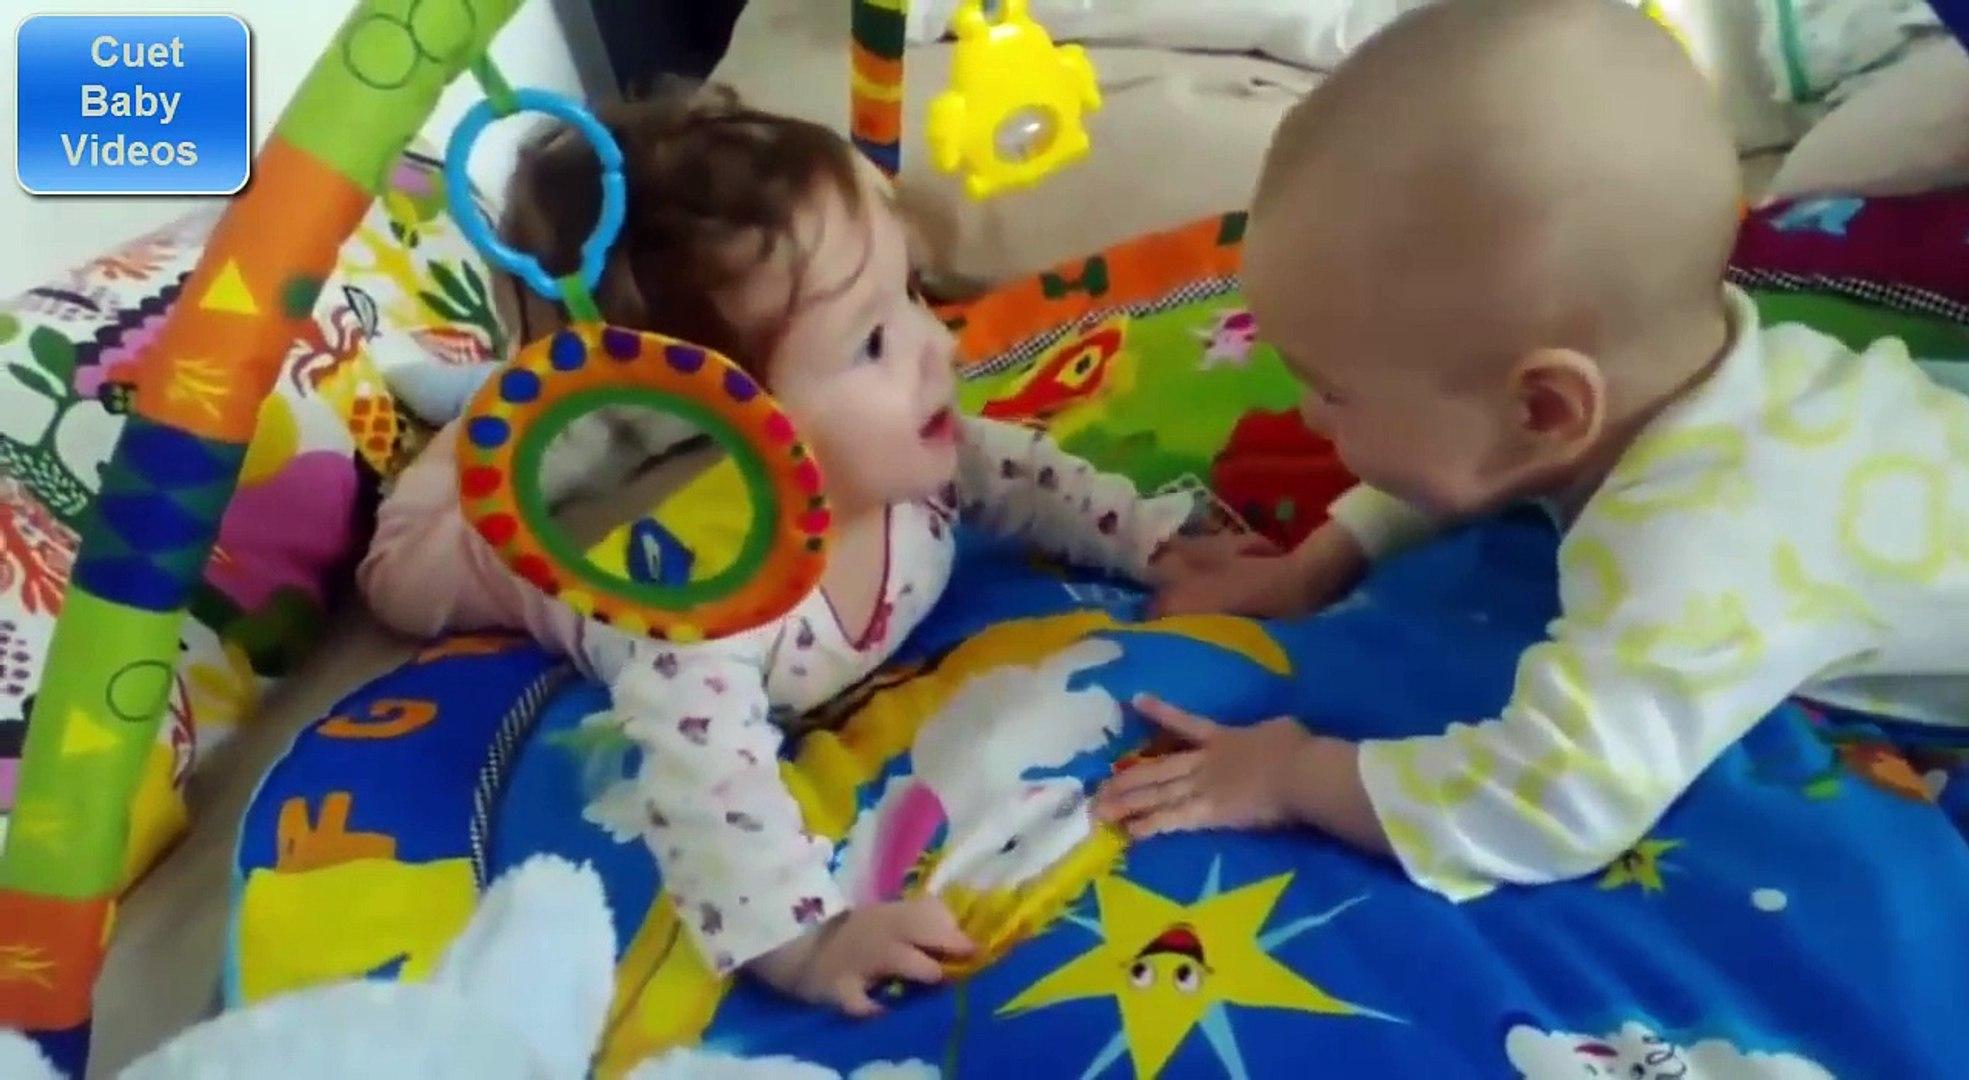 Cute Baby Videos Funny - Funny Baby Videos | Video Clip